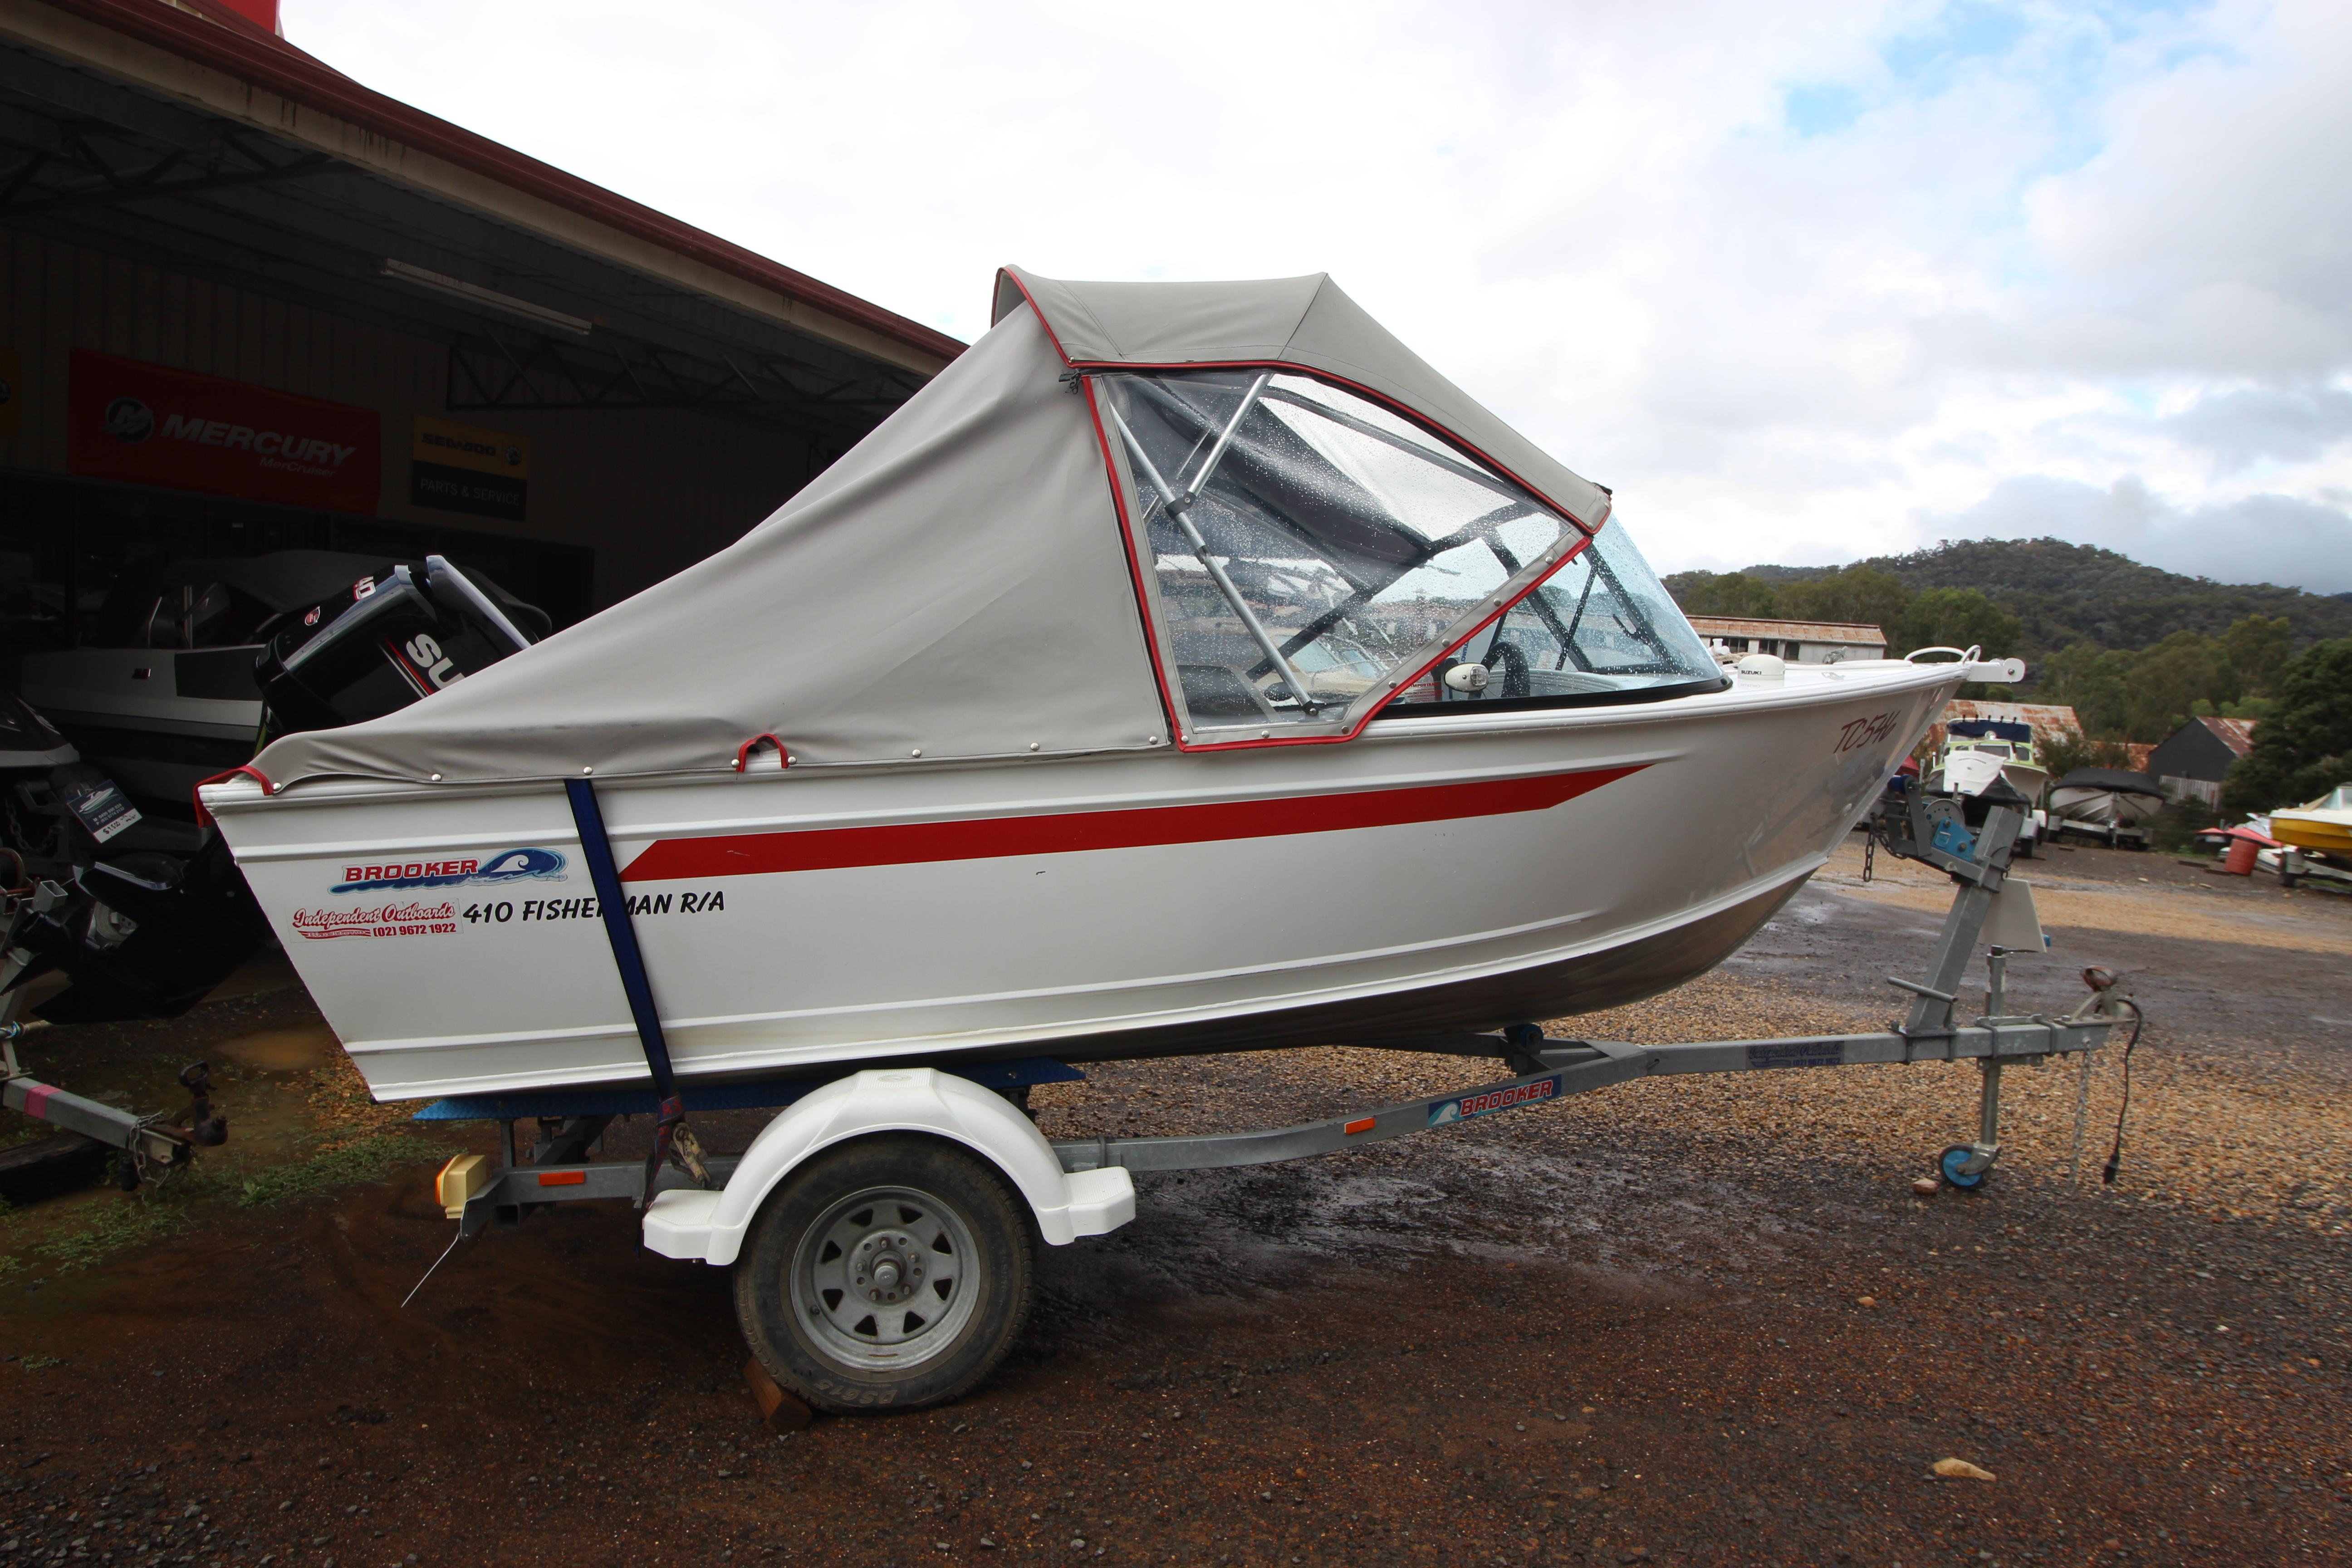 Brooker 410 Fisherman   Price Reduction!